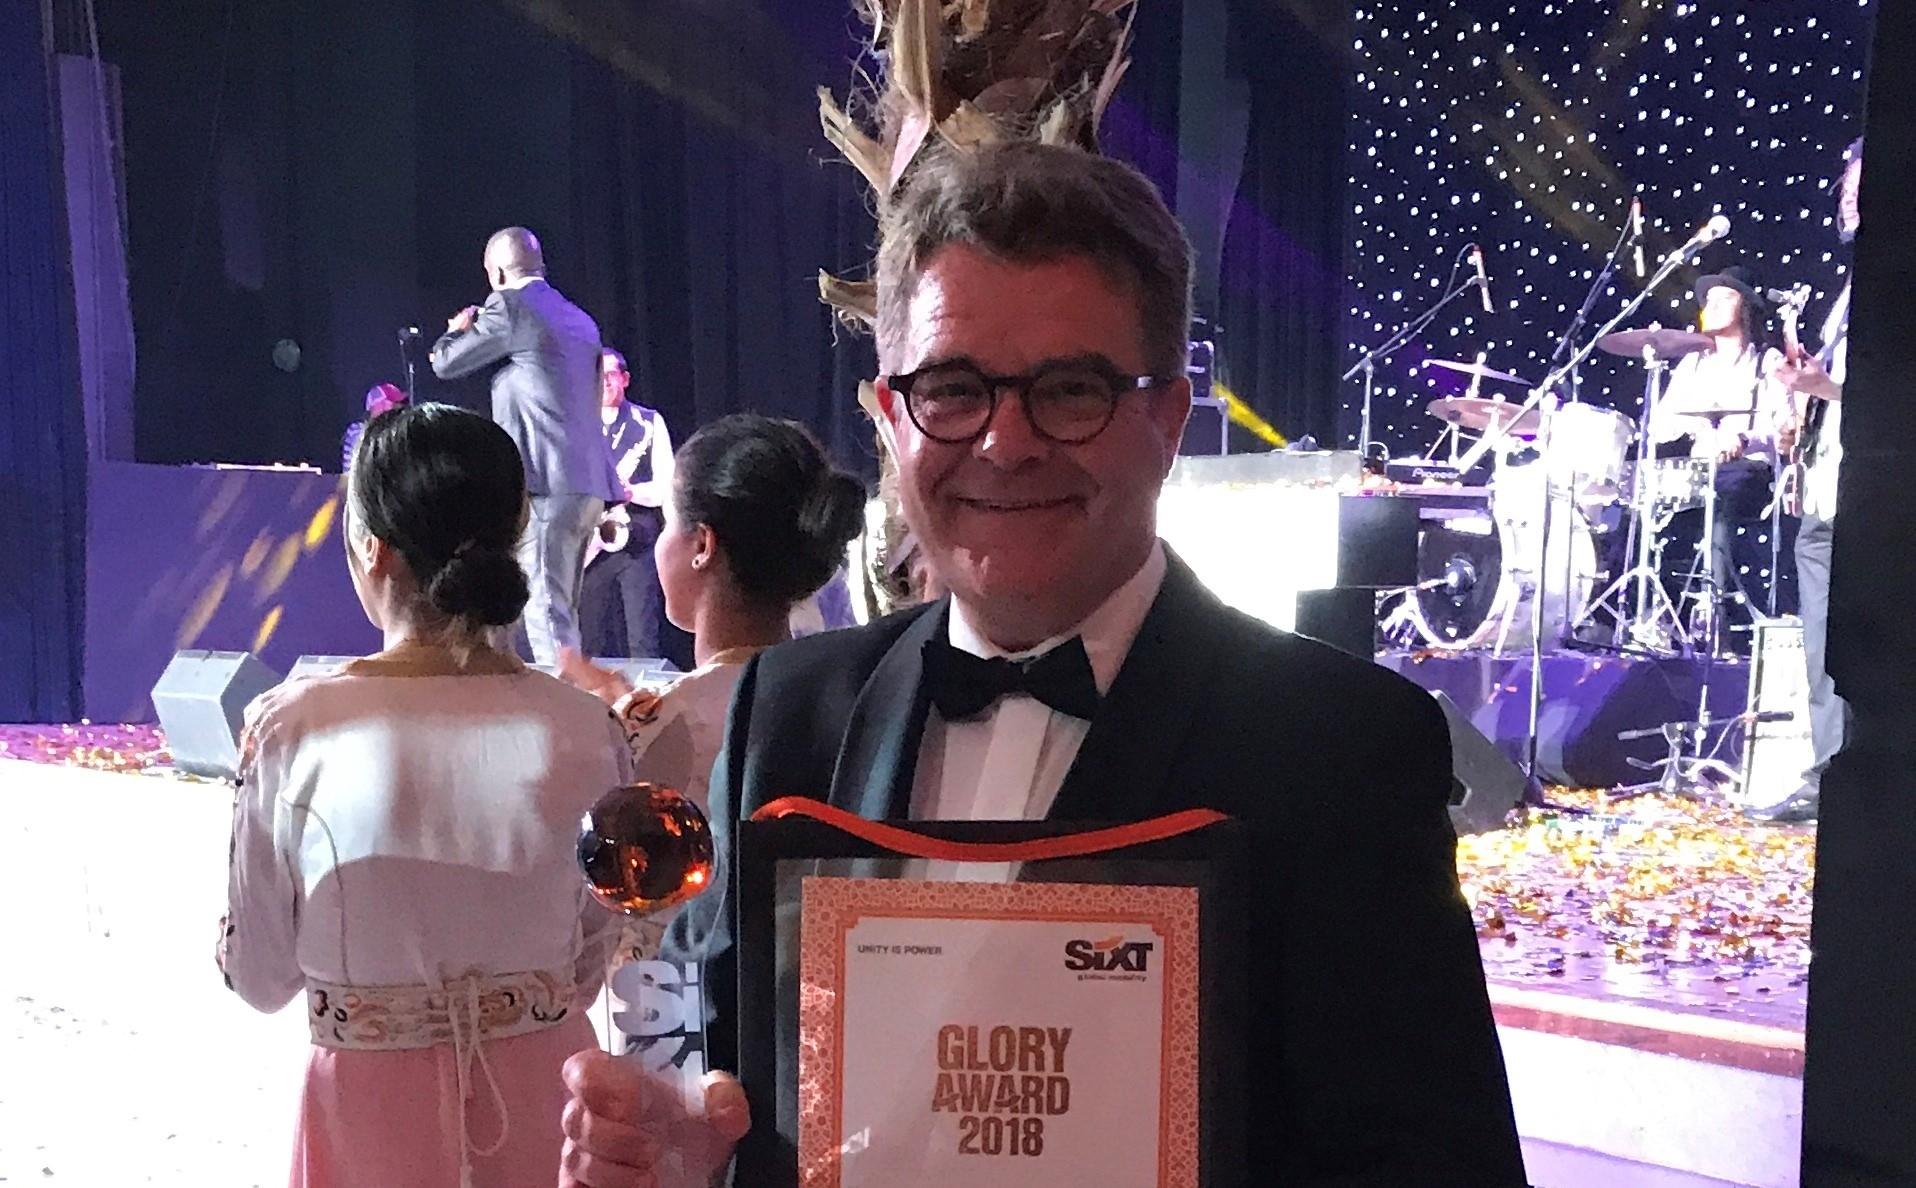 Søren Lithander, administrerende direktør for Sixt i Danmark, med den interne pris ved biludlejningsselskabets verdenskongres. Sixt-foto.